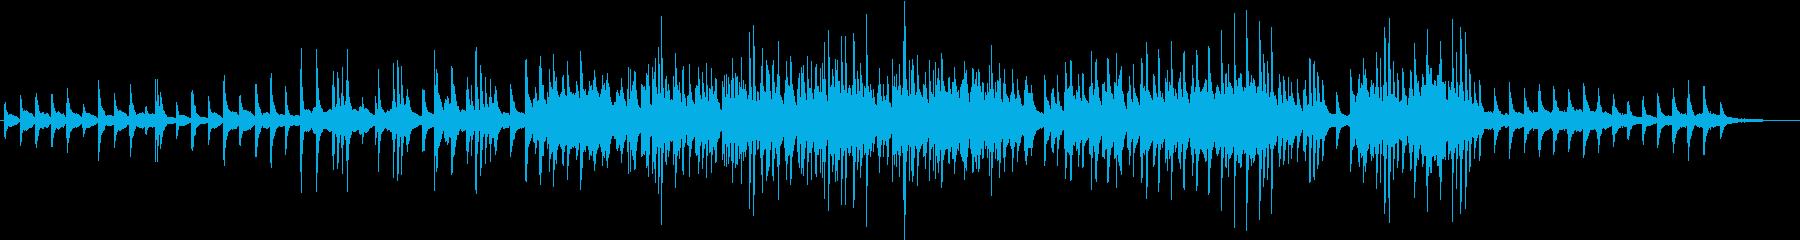 美しく切ないピアノソロワルツの再生済みの波形